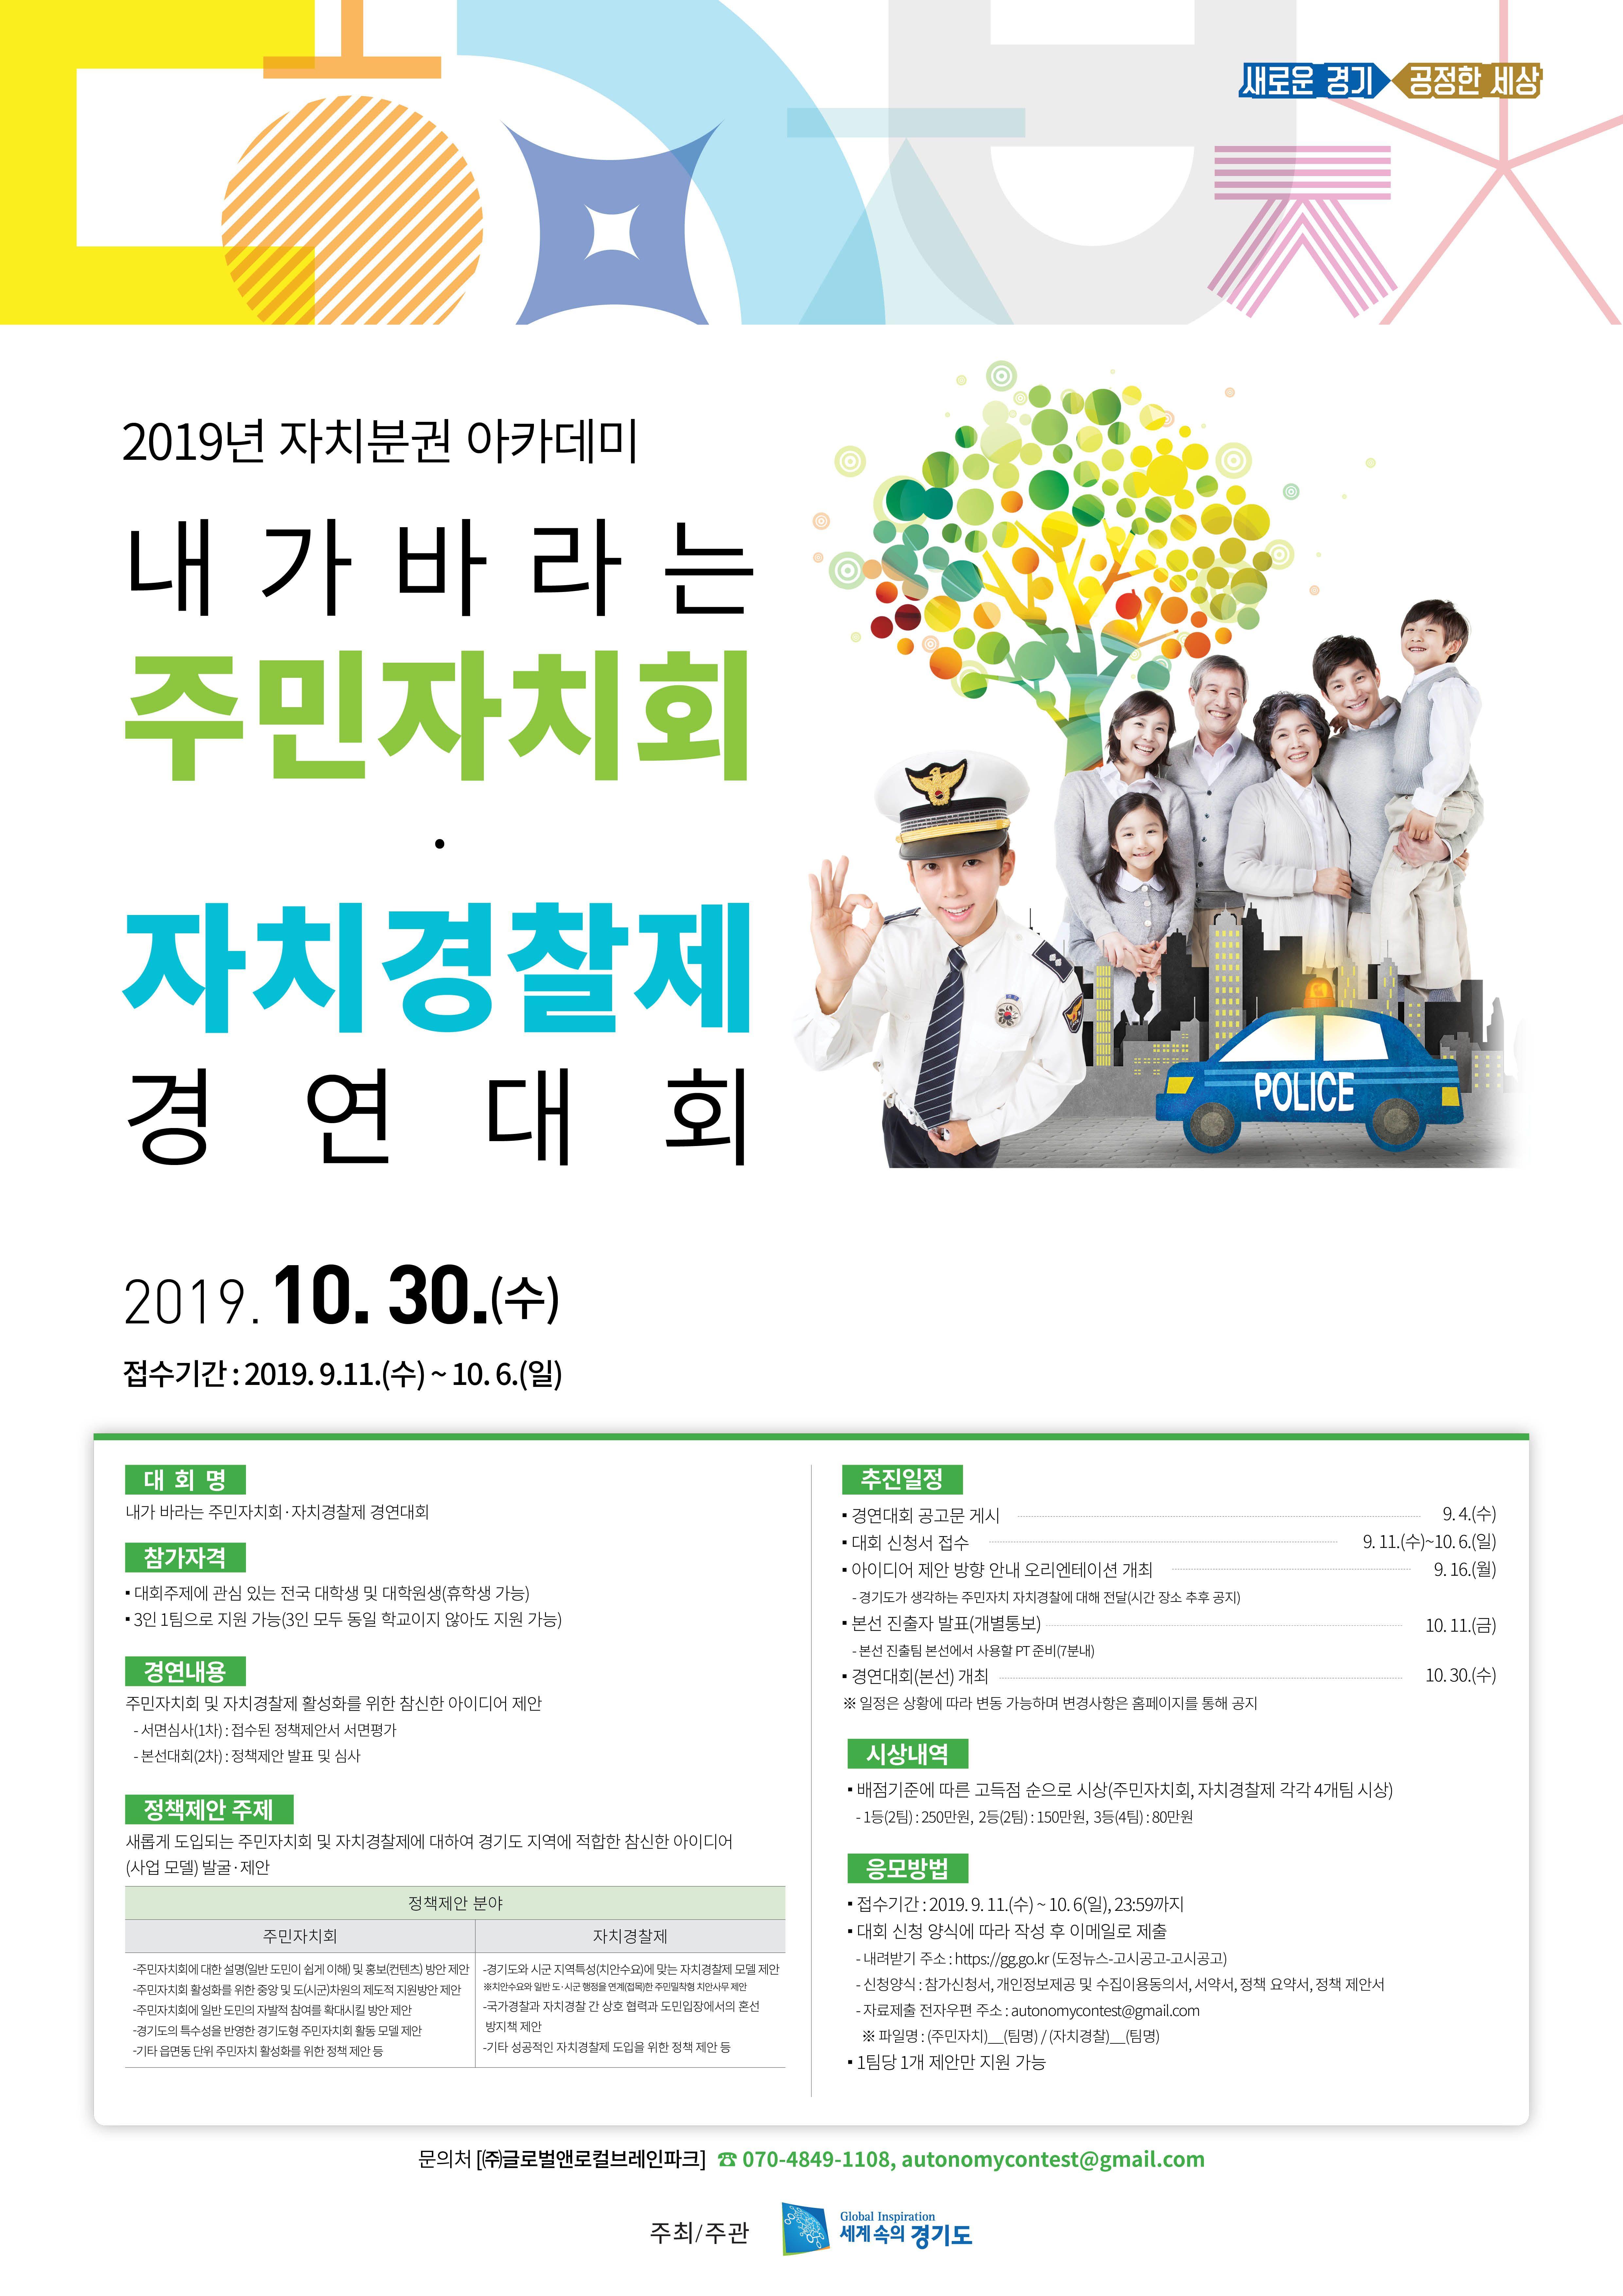 경기도 내가 바라는 주민자치회 · 자치경찰제 경연대회